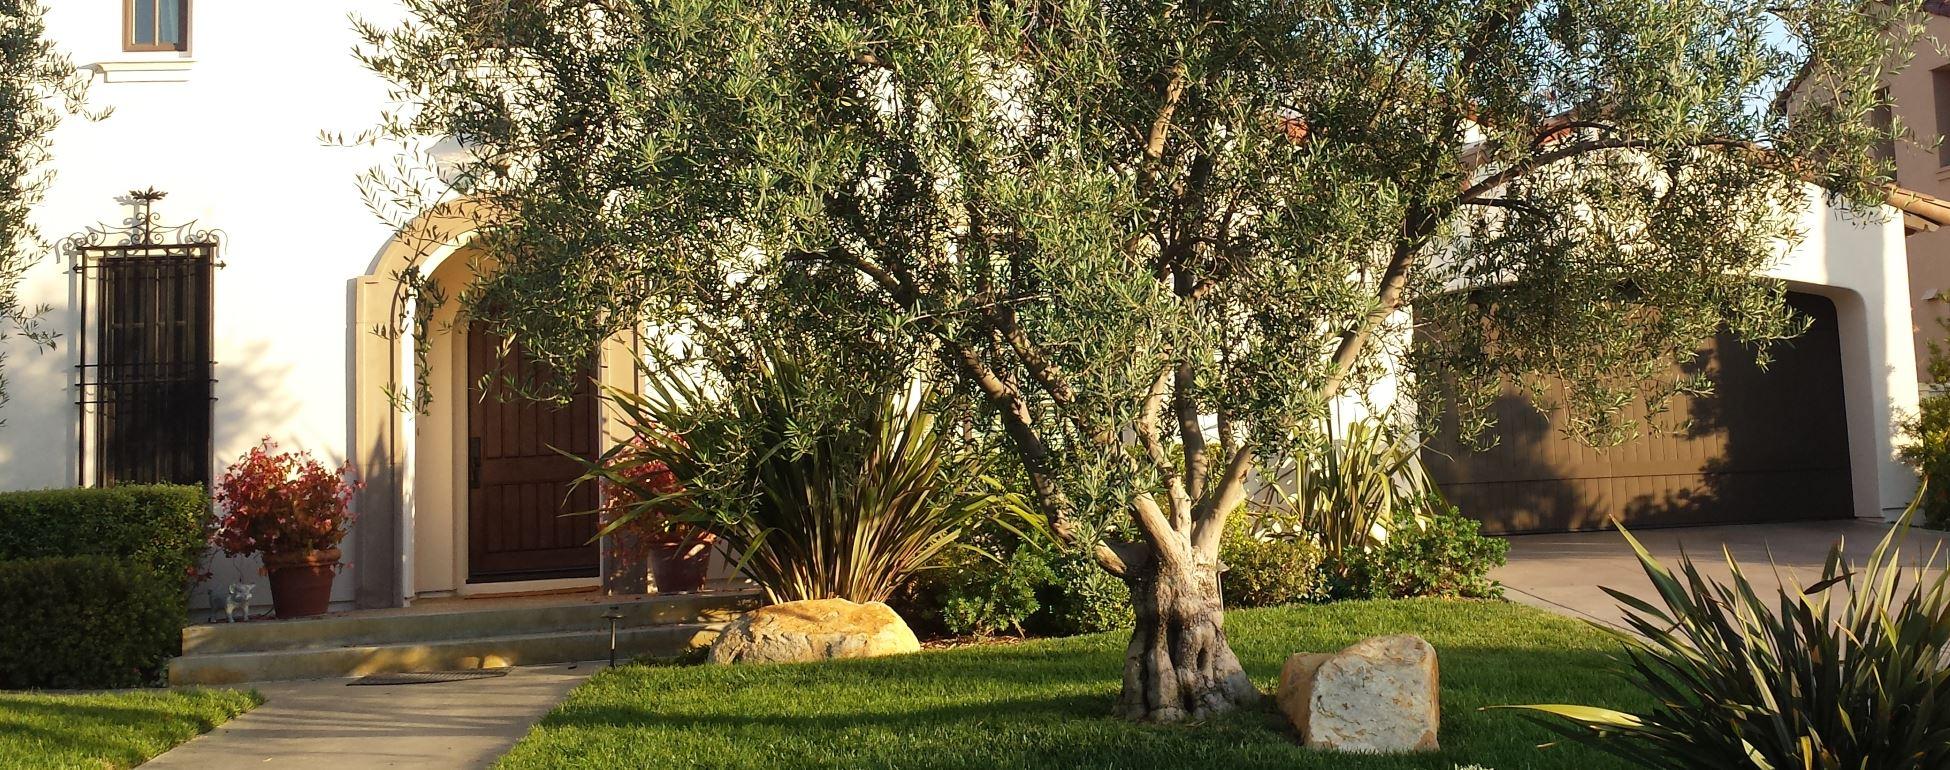 Big Olive Tree 1900-750.jpg